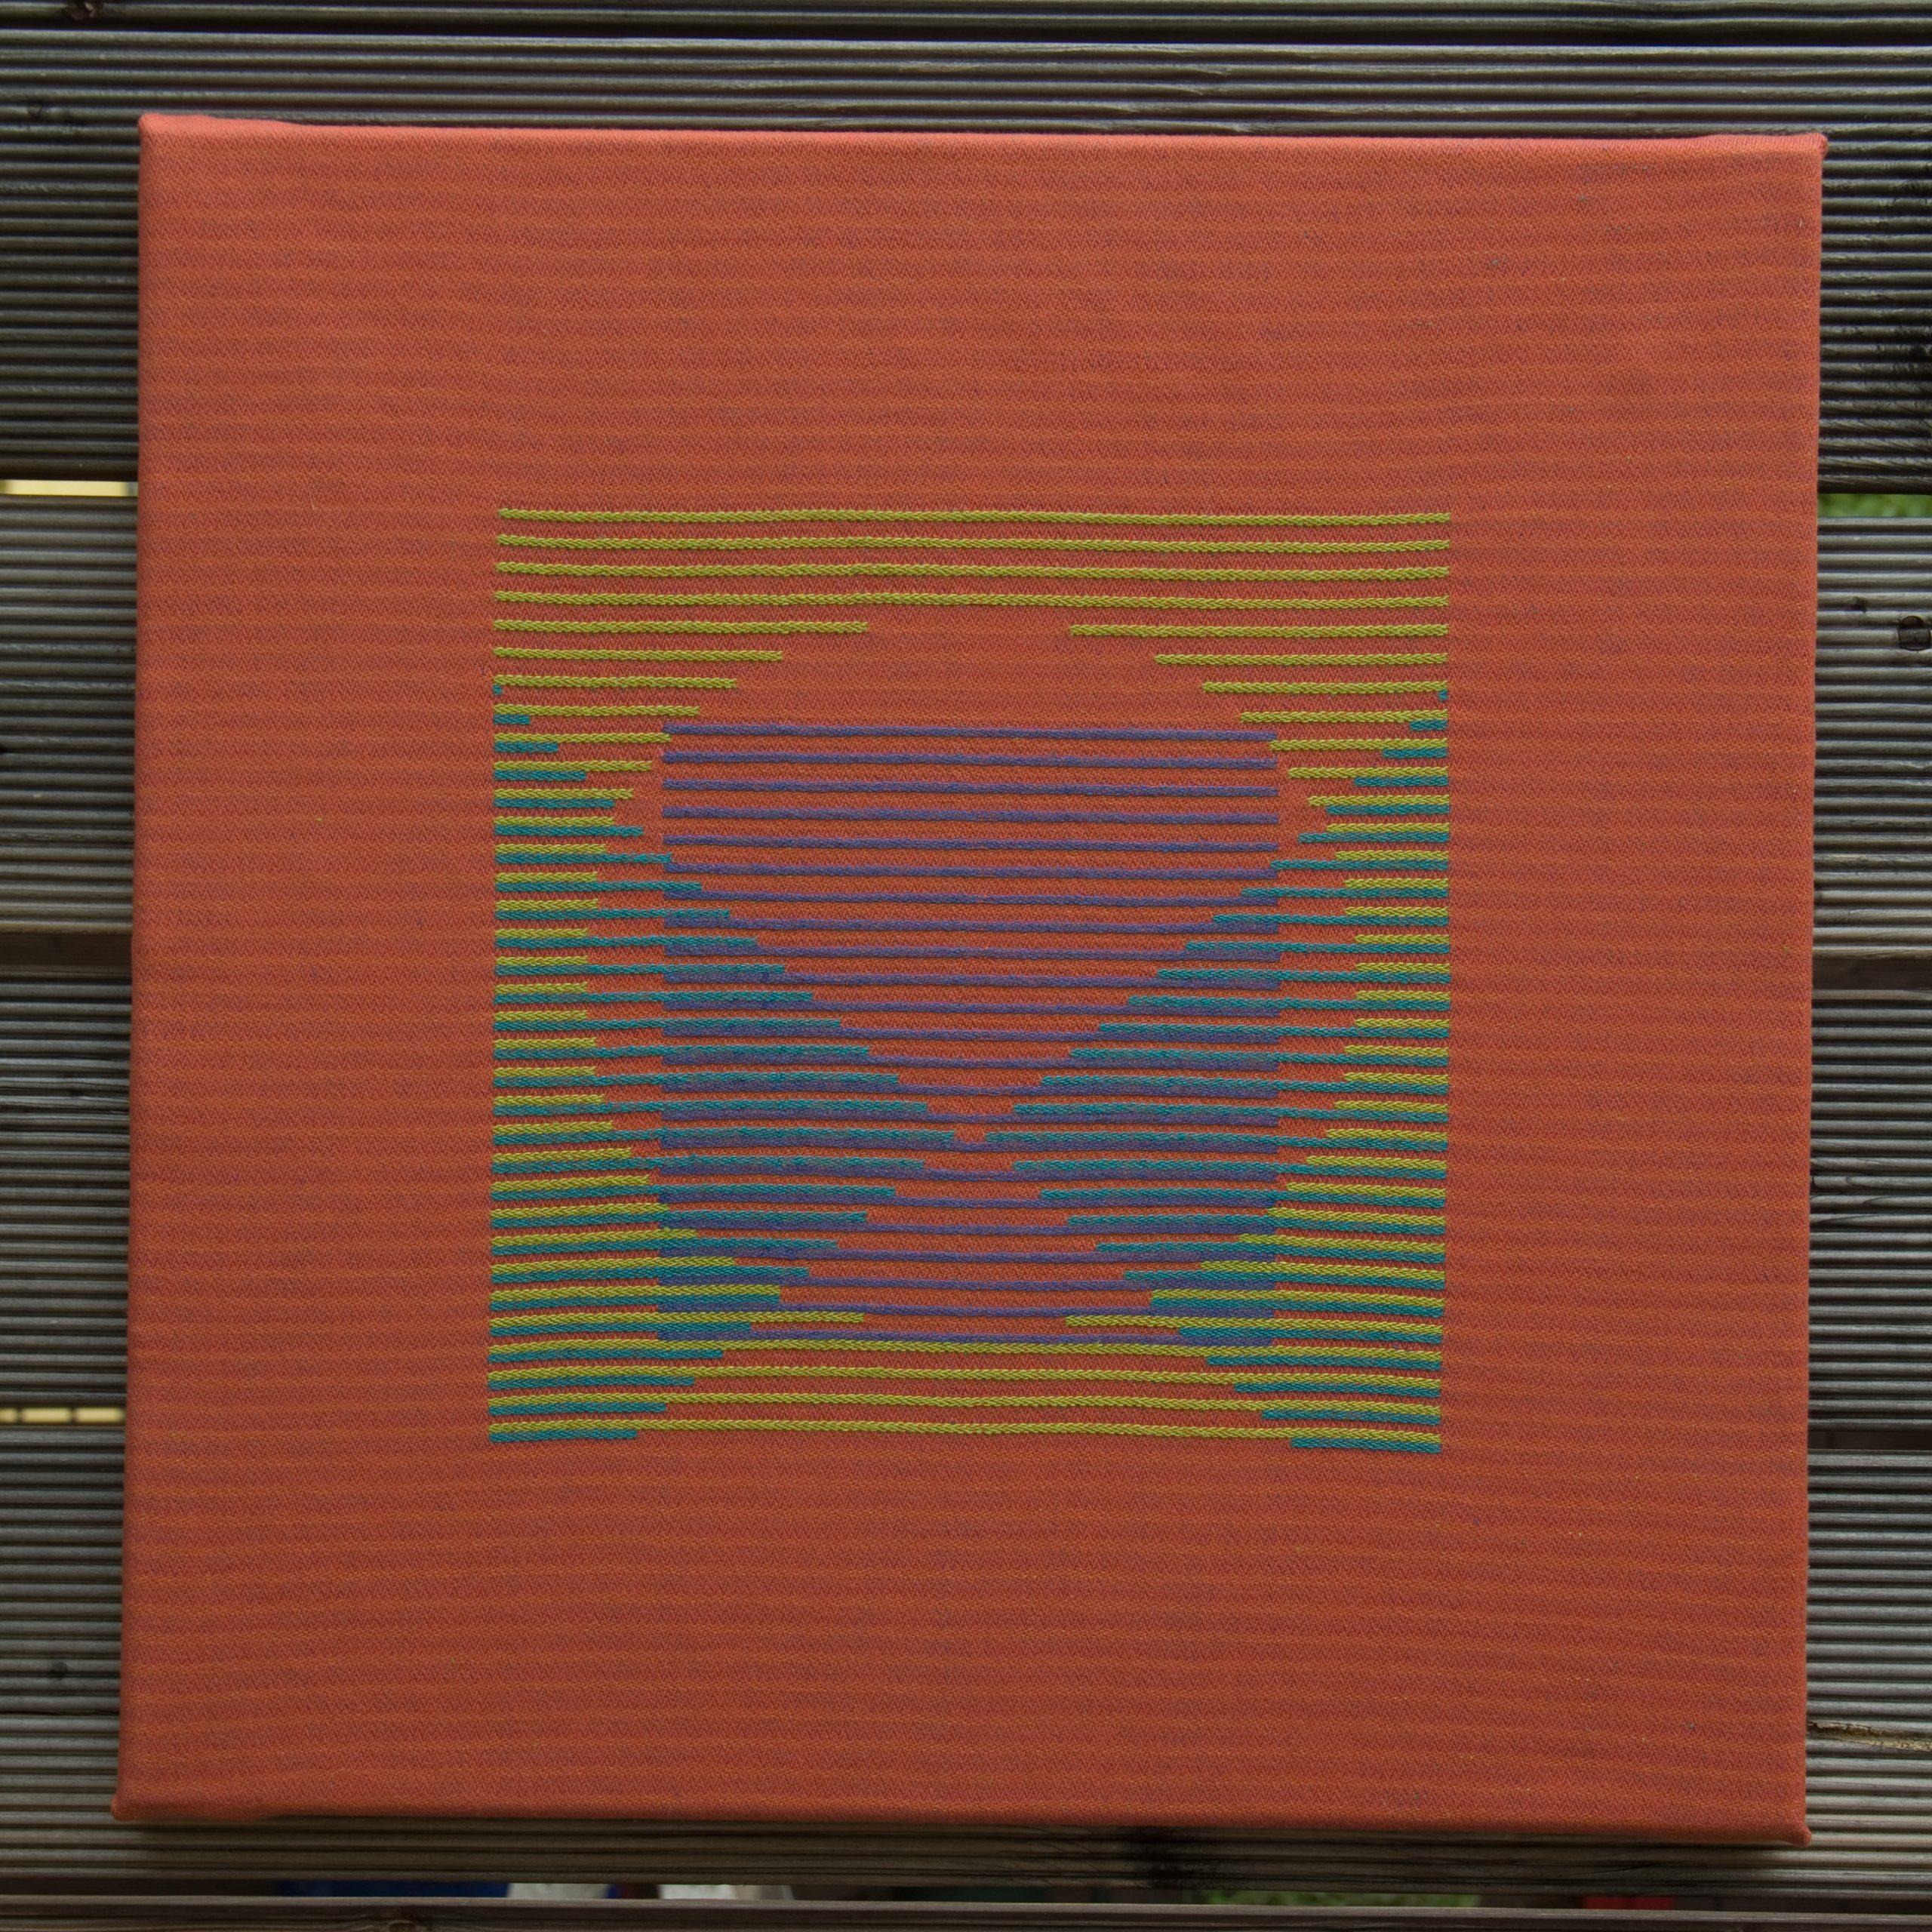 Textiles Bild – Dreieck, Quadrat, Kreis 3